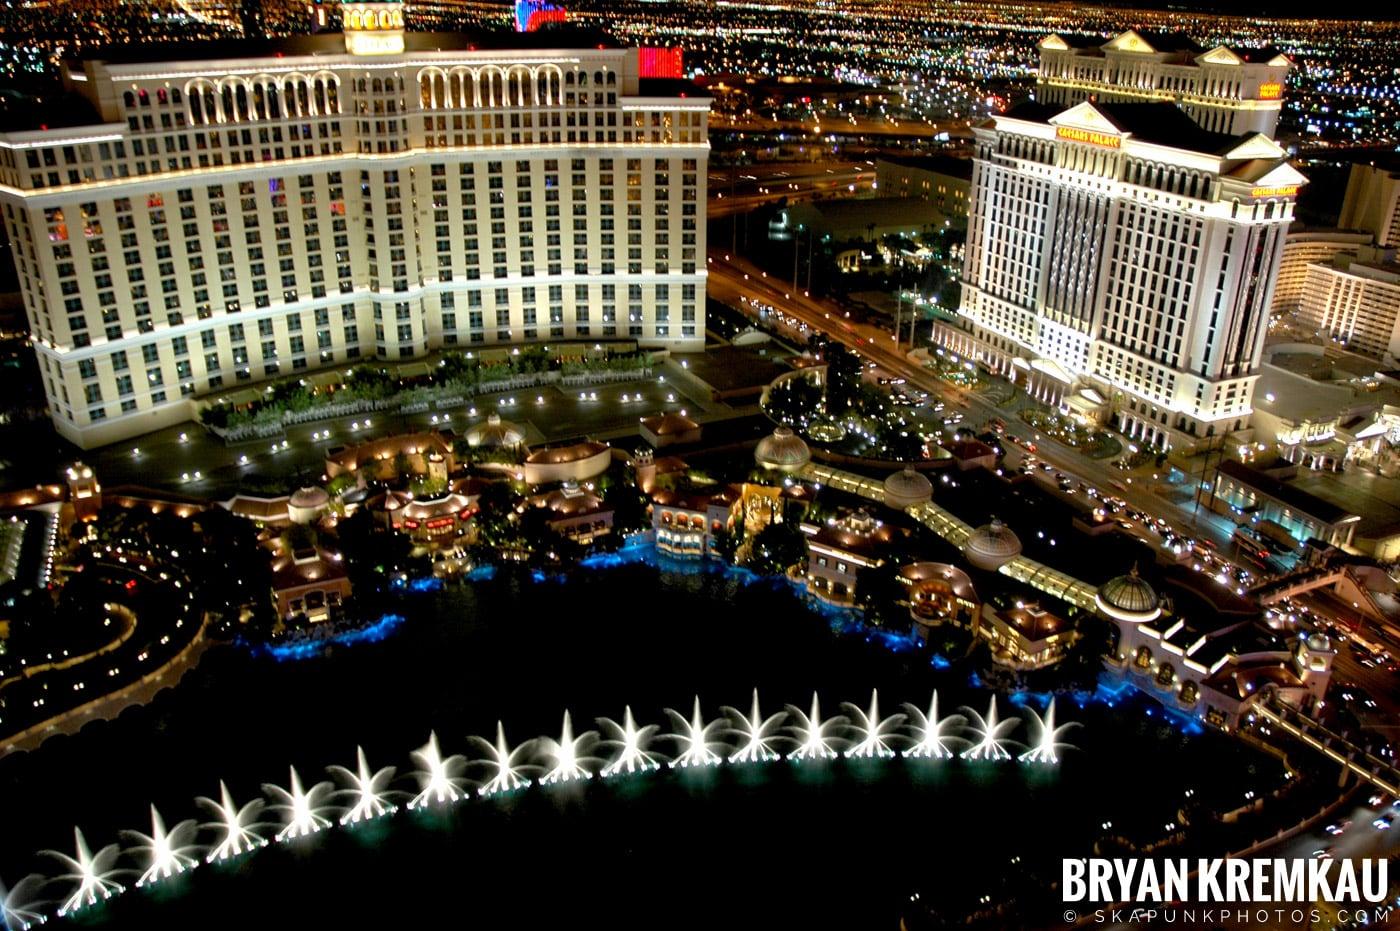 Las Vegas Vacation @ Las Vegas, NV - 10.21.05 - 10.23.05 (29)